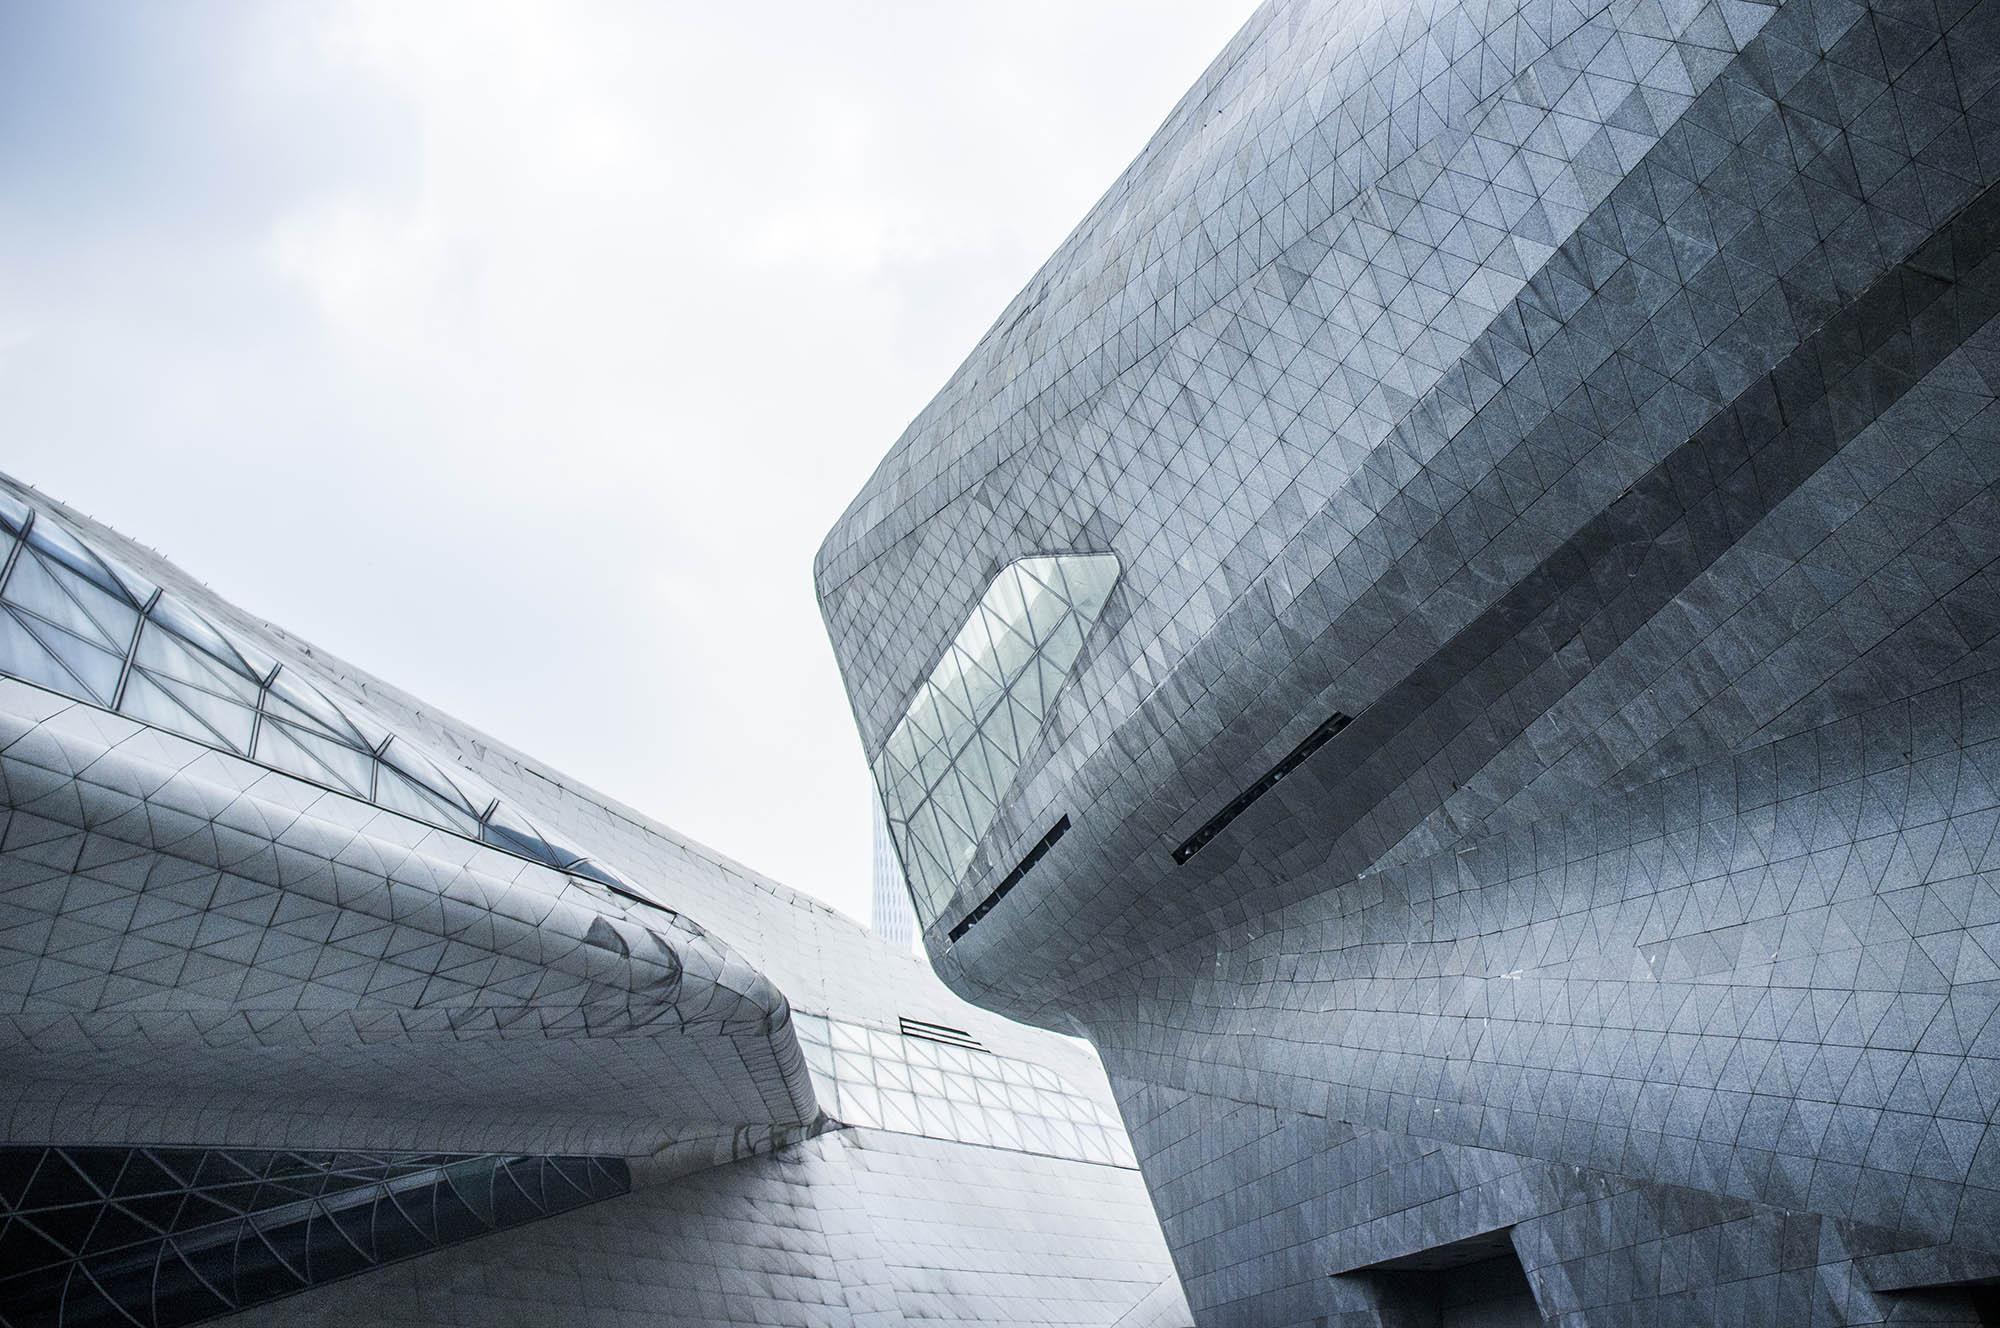 Guangzhou opera house was designed by Zaha Hadid Architects.